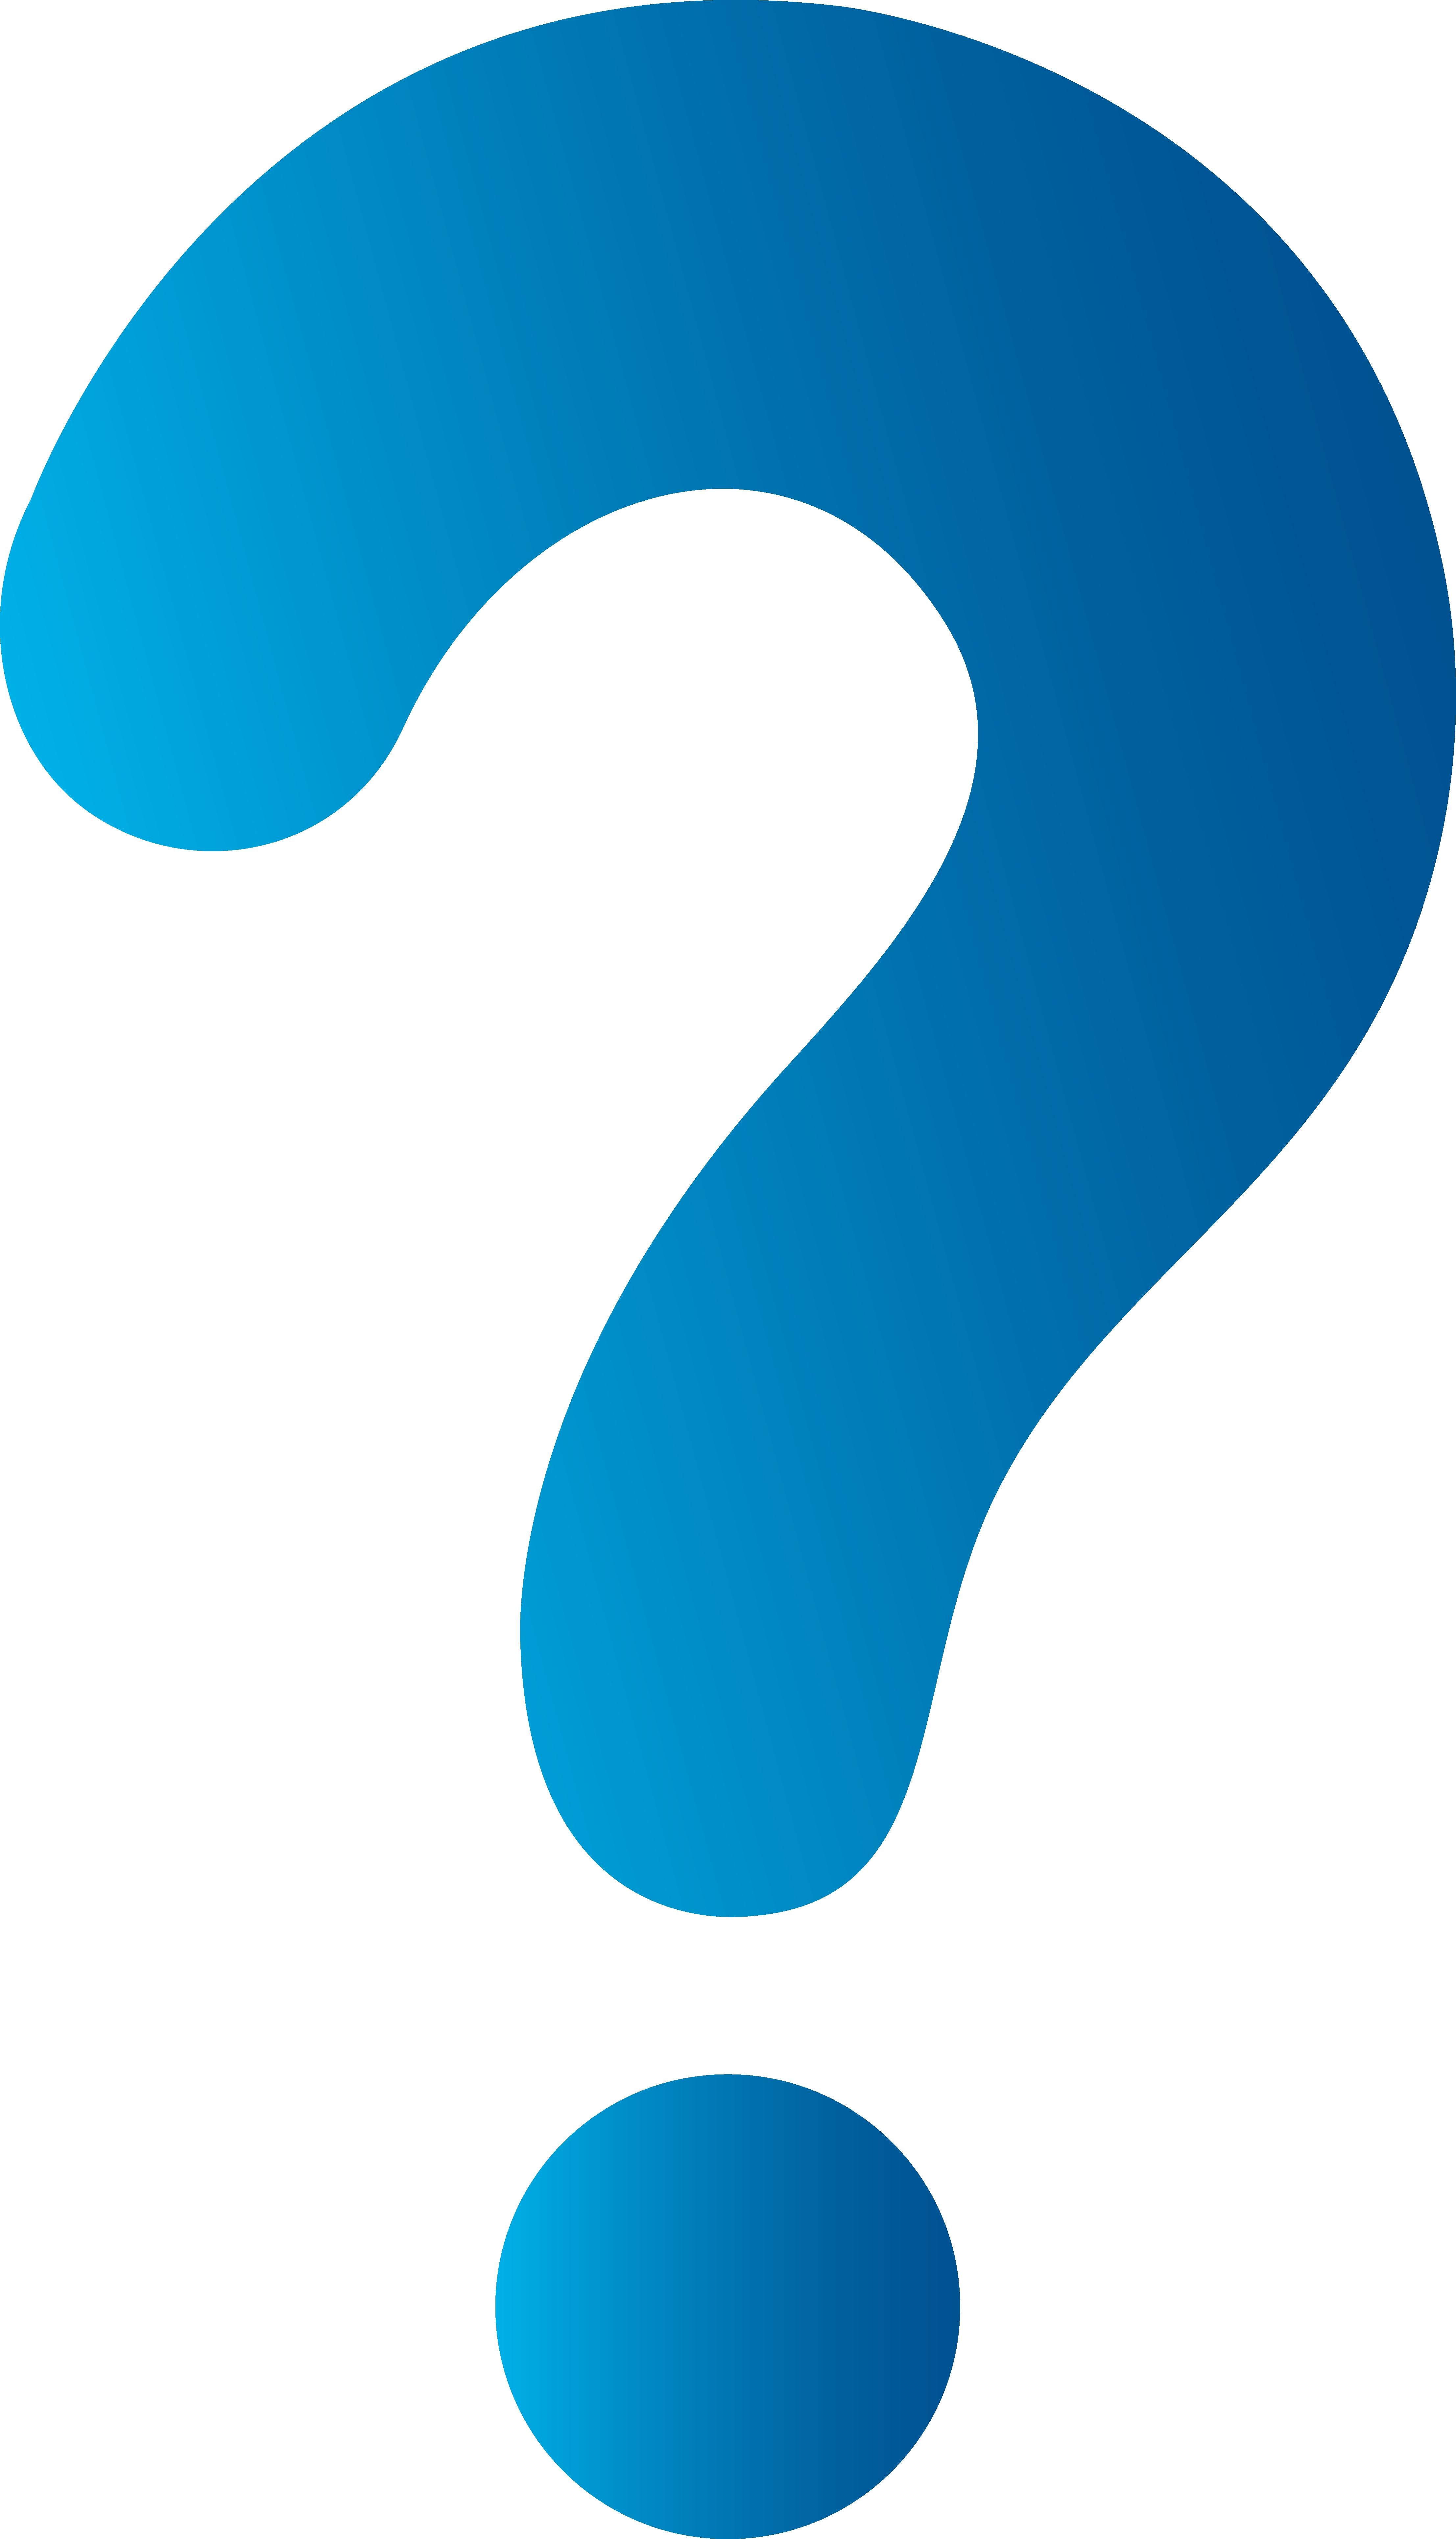 Unique question mark collection. B clipart blue